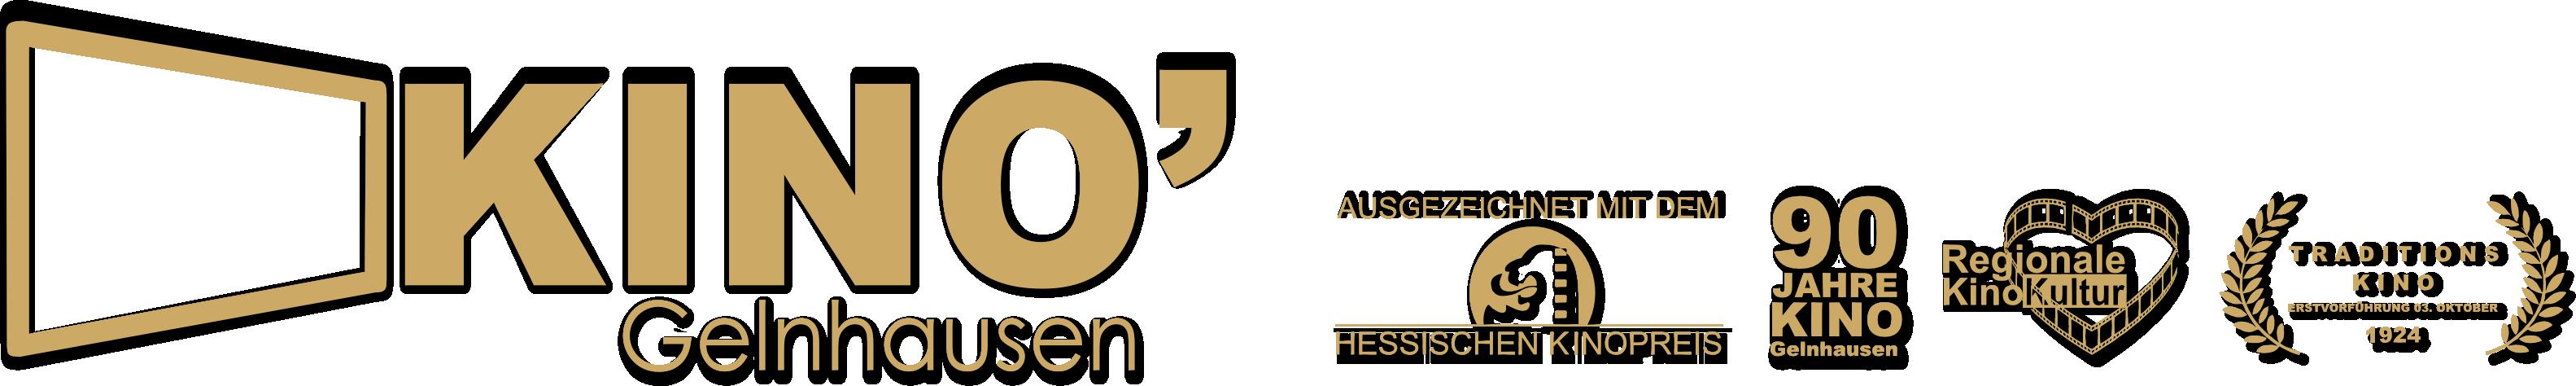 Kino Gelnhausen